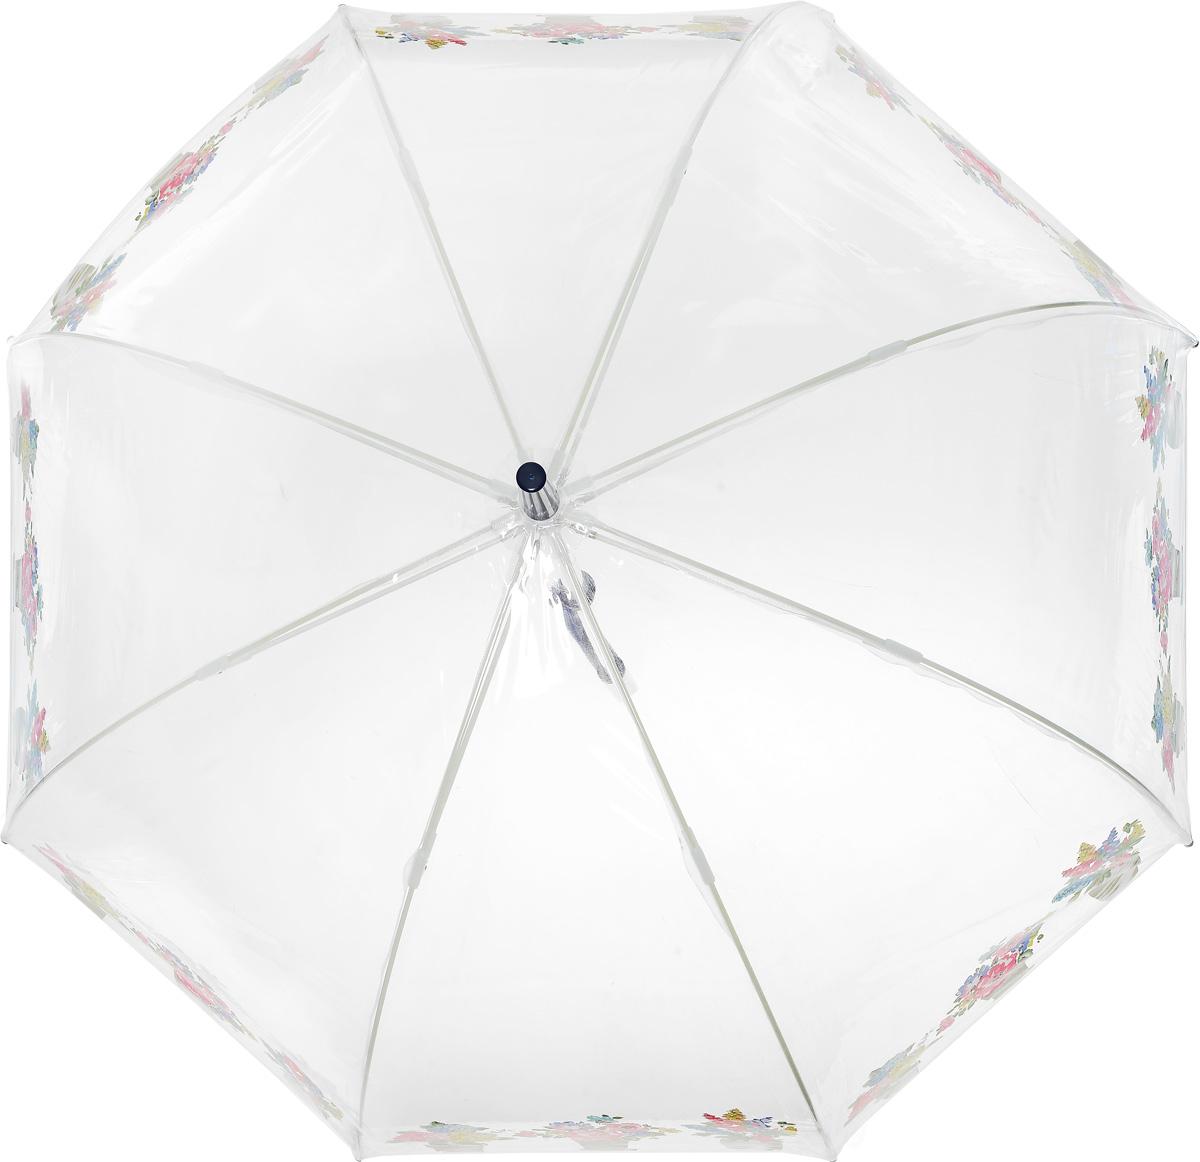 Зонт-трость женский Cath Kidston Birdcage, механический, цвет: прозрачный. L546-31453.7-12 navyНеобычный механический зонт-трость Cath Kidston Birdcage даже в ненастную погоду позволит вам оставаться модной и элегантной. Каркас зонта включает 8 спиц из фибергласса с пластиковыми наконечниками. Стержень изготовлен из стали. Купол зонта выполнен из высококачественного прозрачного ПВХ и по краю оформлен принтом в виде цветочных горшков. Изделие дополнено удобной пластиковой рукояткой.Зонт механического сложения: купол открывается и закрывается вручную до характерного щелчка. Модель дополнительно застегивается с помощью хлястика на кнопку.Такой зонт не только надежно защитит вас от дождя, но и станет стильным аксессуаром, который идеально подчеркнет ваш неповторимый образ.